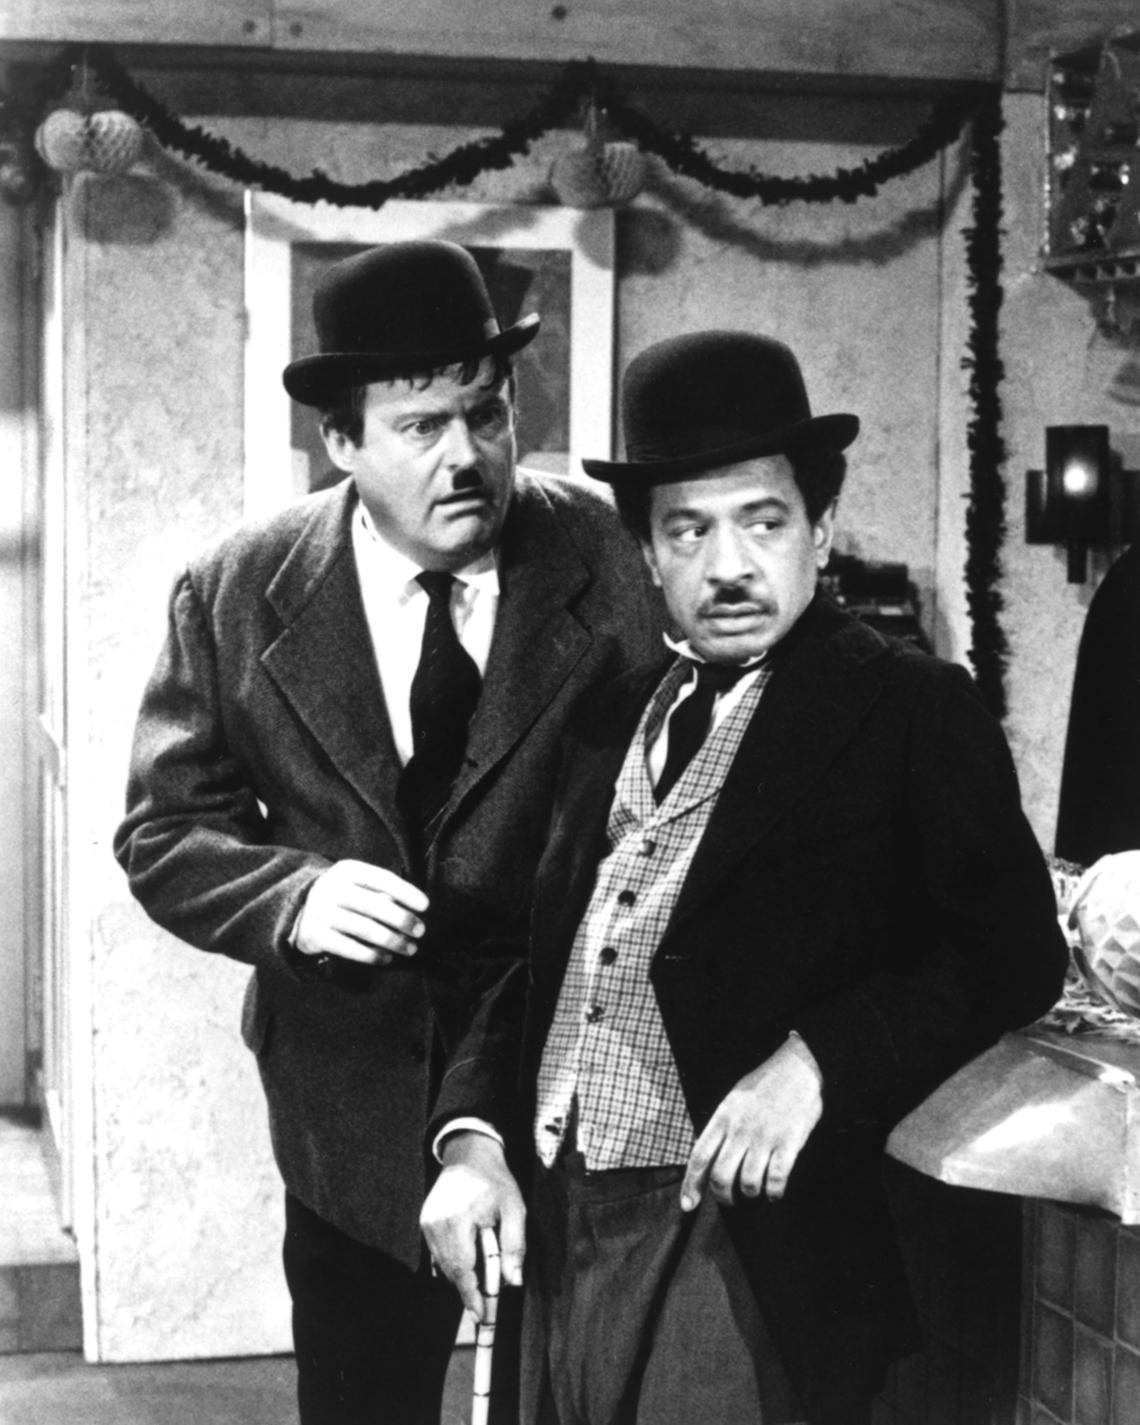 Franklin Cover y Sherman Hemsley en el programa de televisión The Jeffersons.